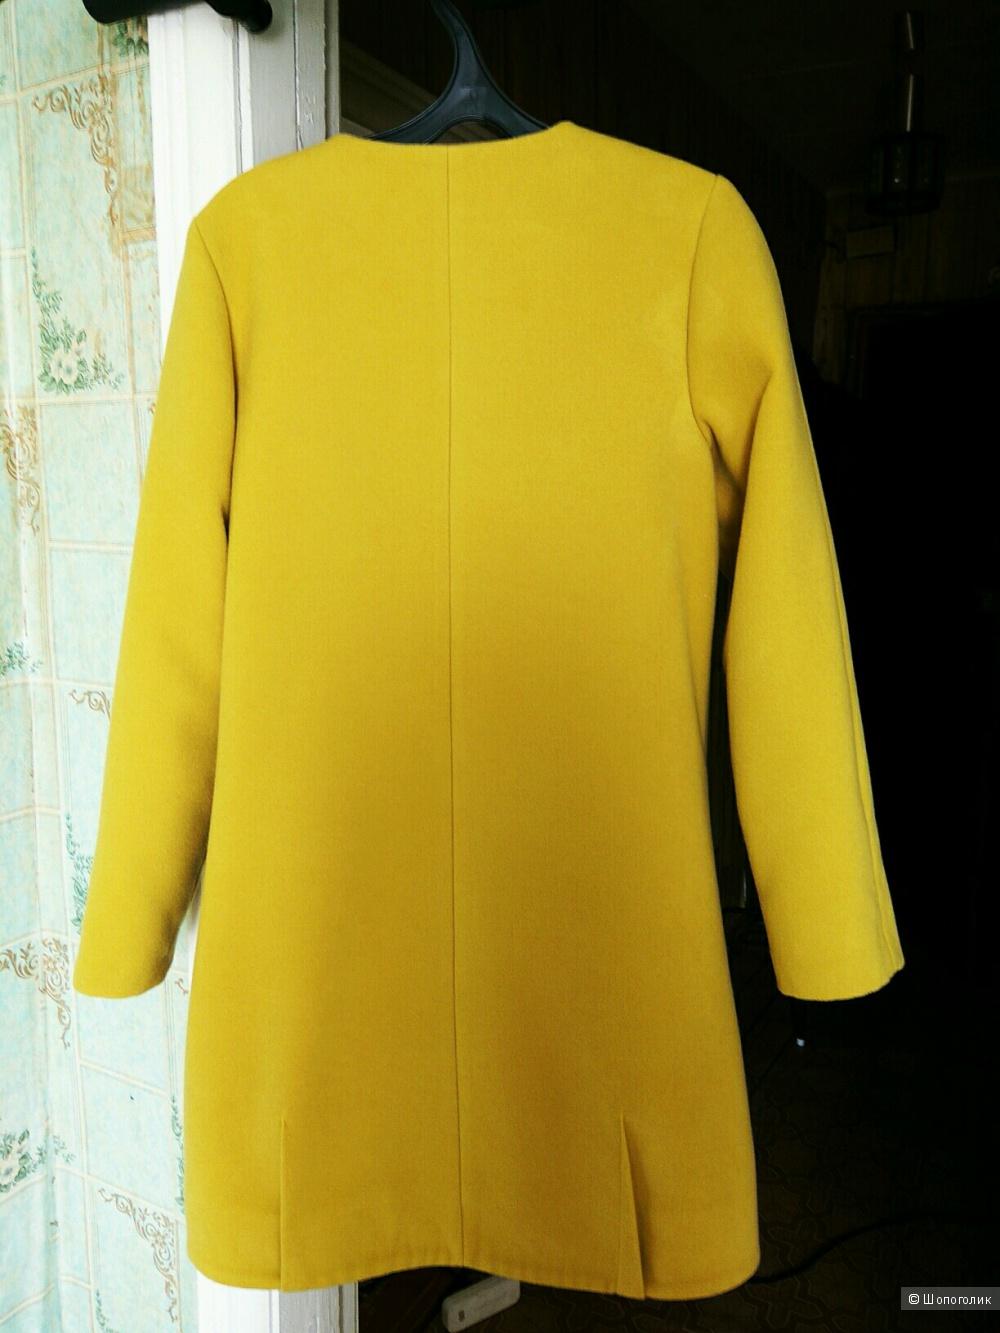 Качественное демисезонное пальто с большим содержанием шерсти по очень привлекательной цене! + подарок при покупке